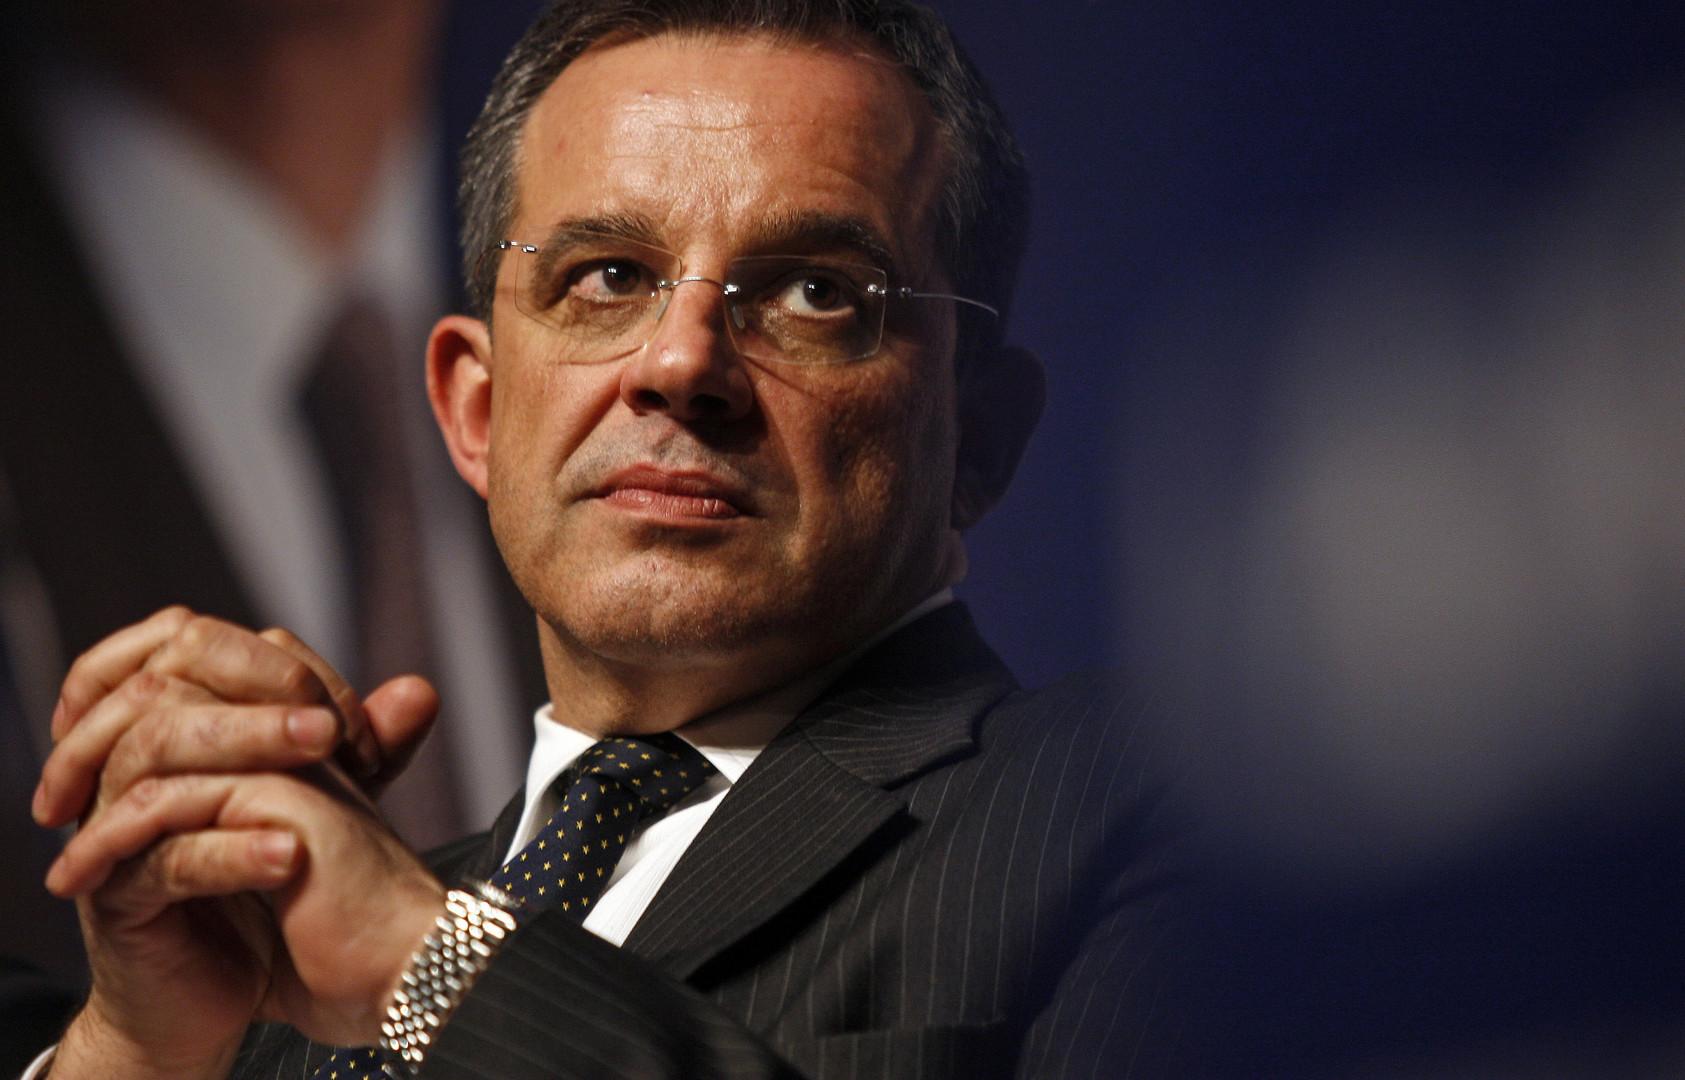 О брексите, беженцах, Украине и санкциях: французский депутат Тьерри Мариани в интервью RT